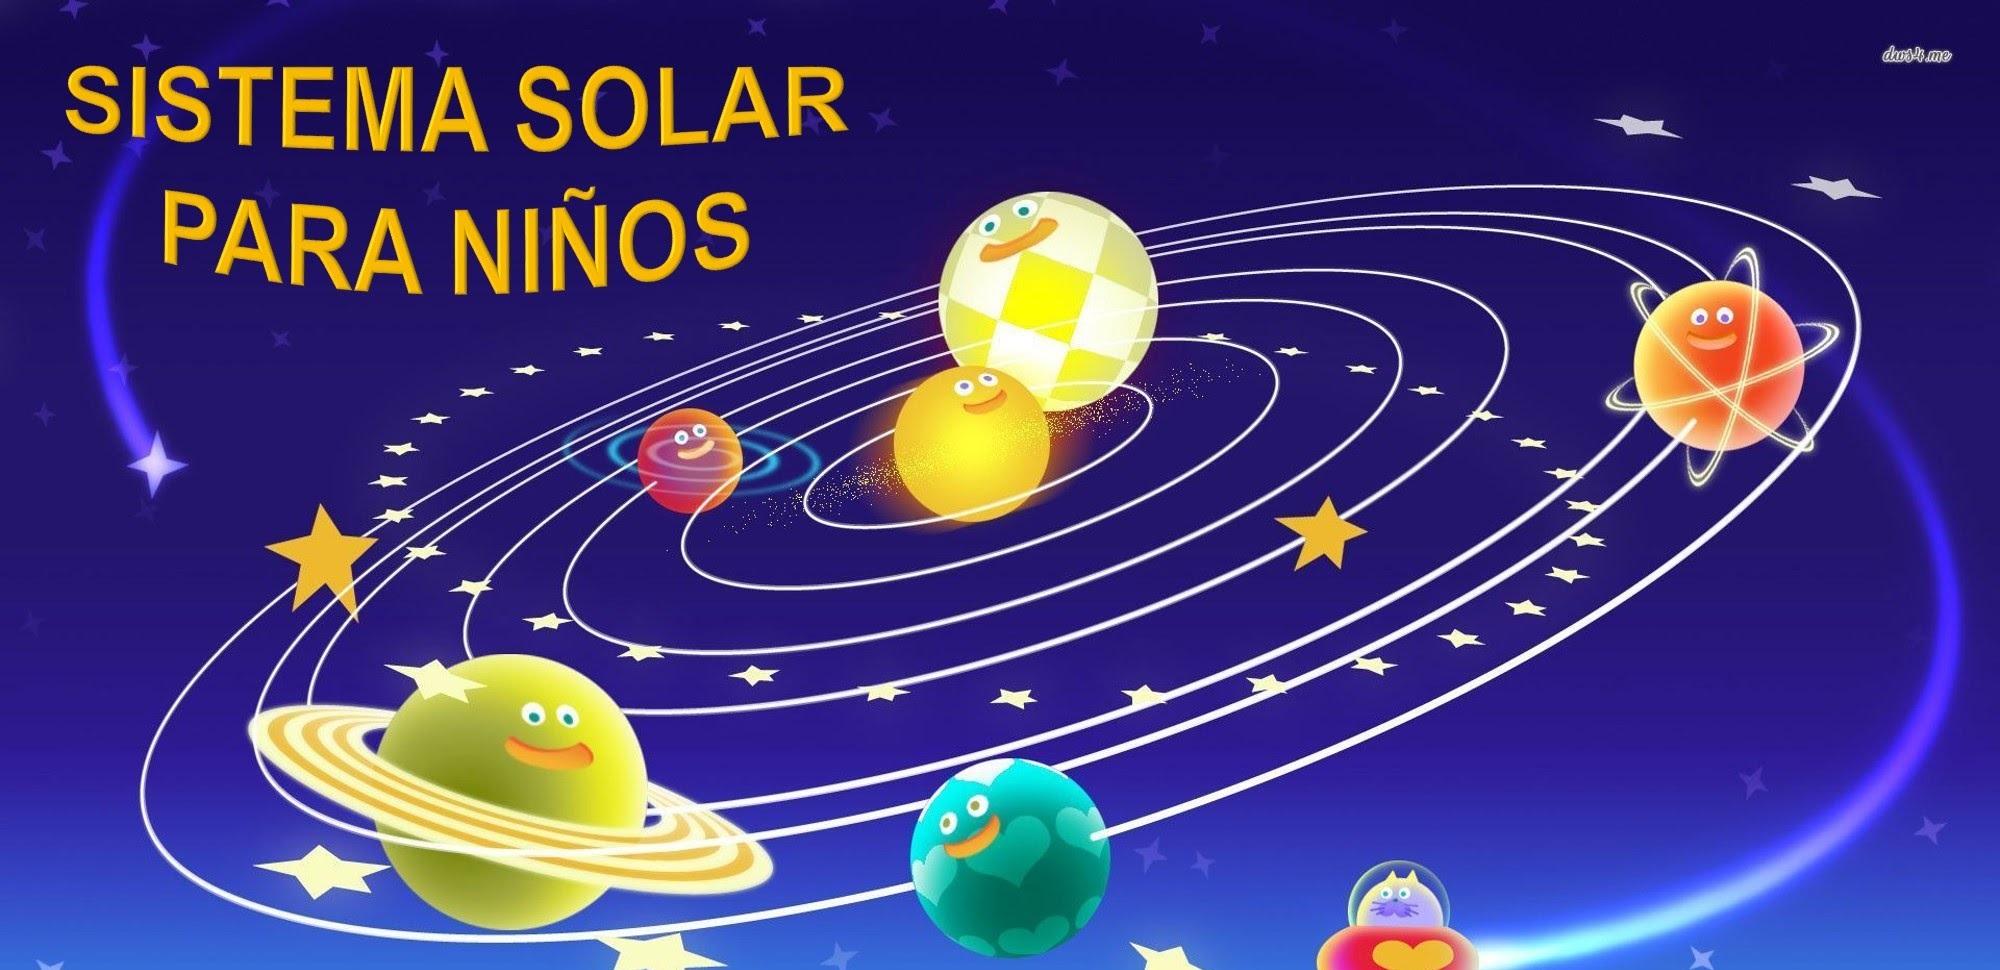 Informaci n sobre el sistema solar para ni os parani for Informacion sobre los arquitectos